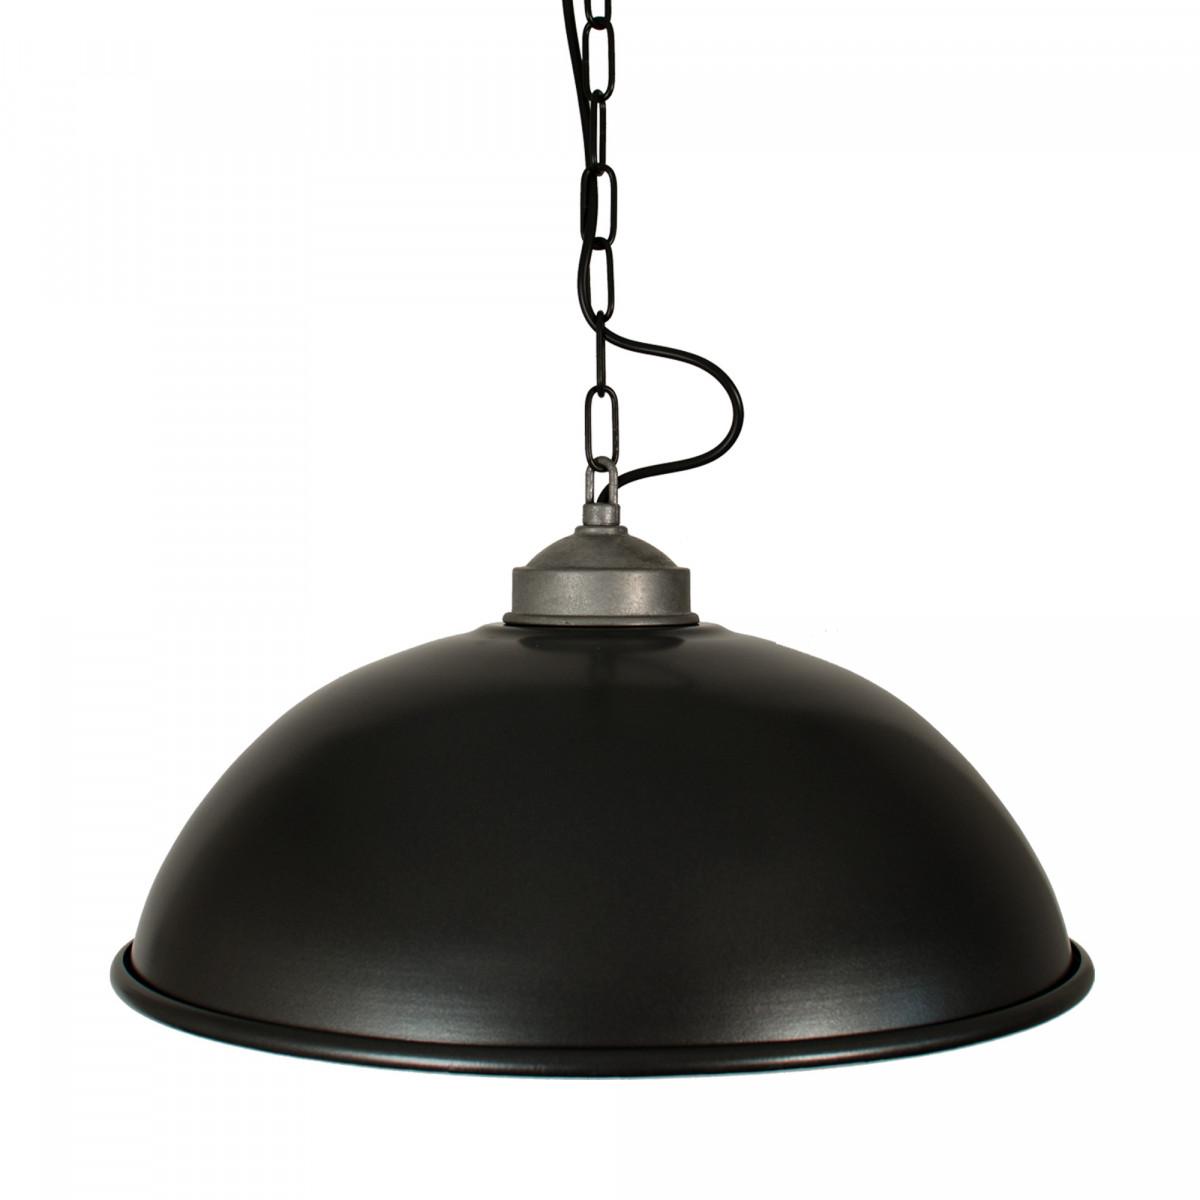 Hanglamp Industrial Antraciet